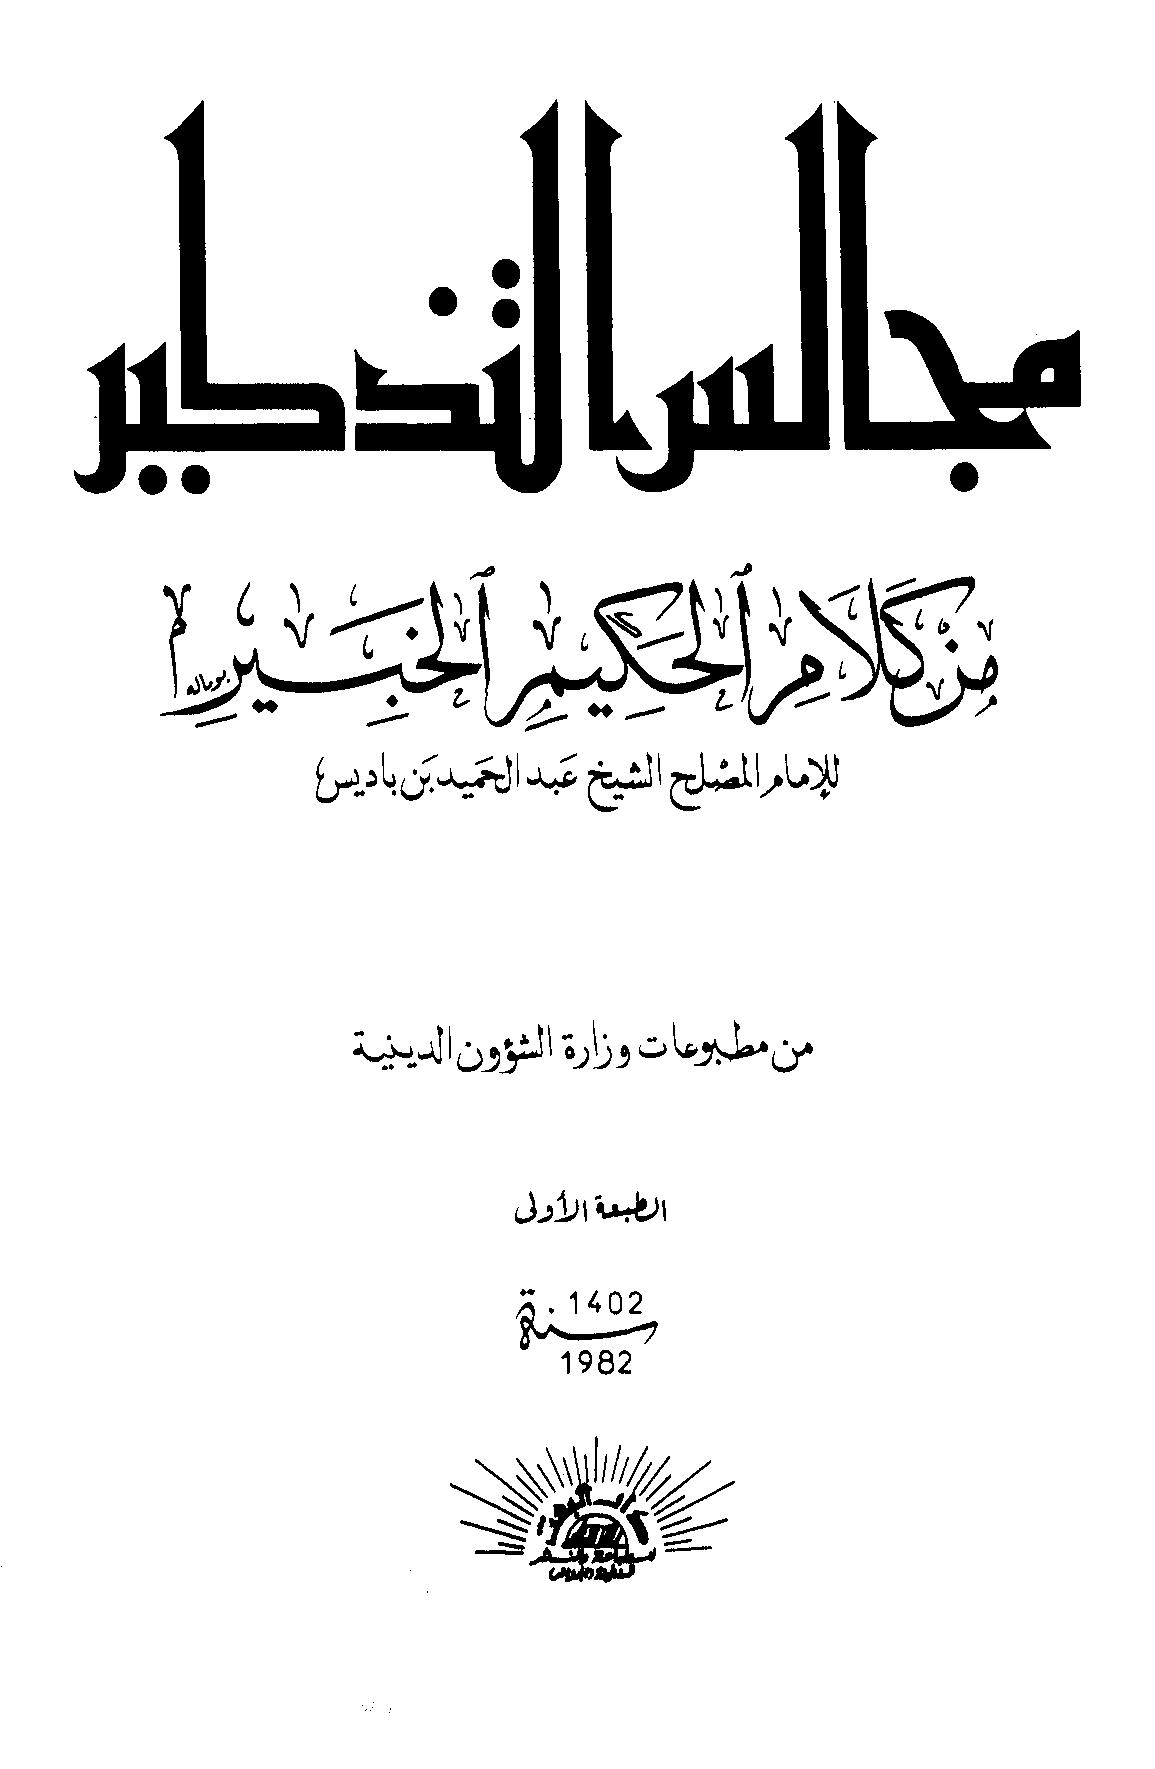 تحميل كتاب مجالس التذكير من كلام الحكيم الخبير (تفسير ابن باديس) لـِ: الإمام عبد الحميد بن محمد المصطفى بن باديس الصنهاجي (ت 1359)